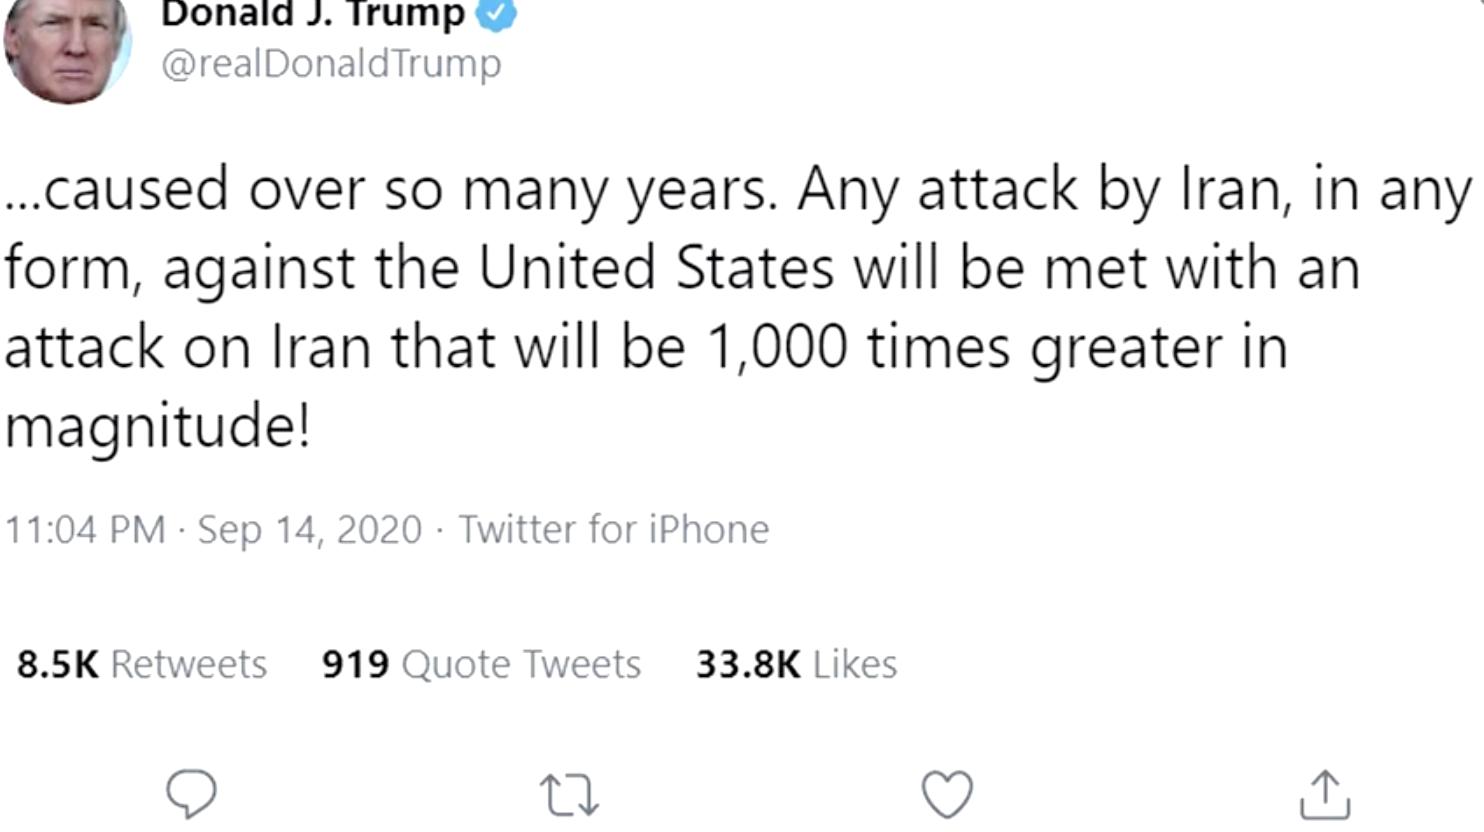 Tổng Thống Trump đe dọa cuộc tấn công trả đũa Iran sẽ lớn hơn gấp 1,000 lần